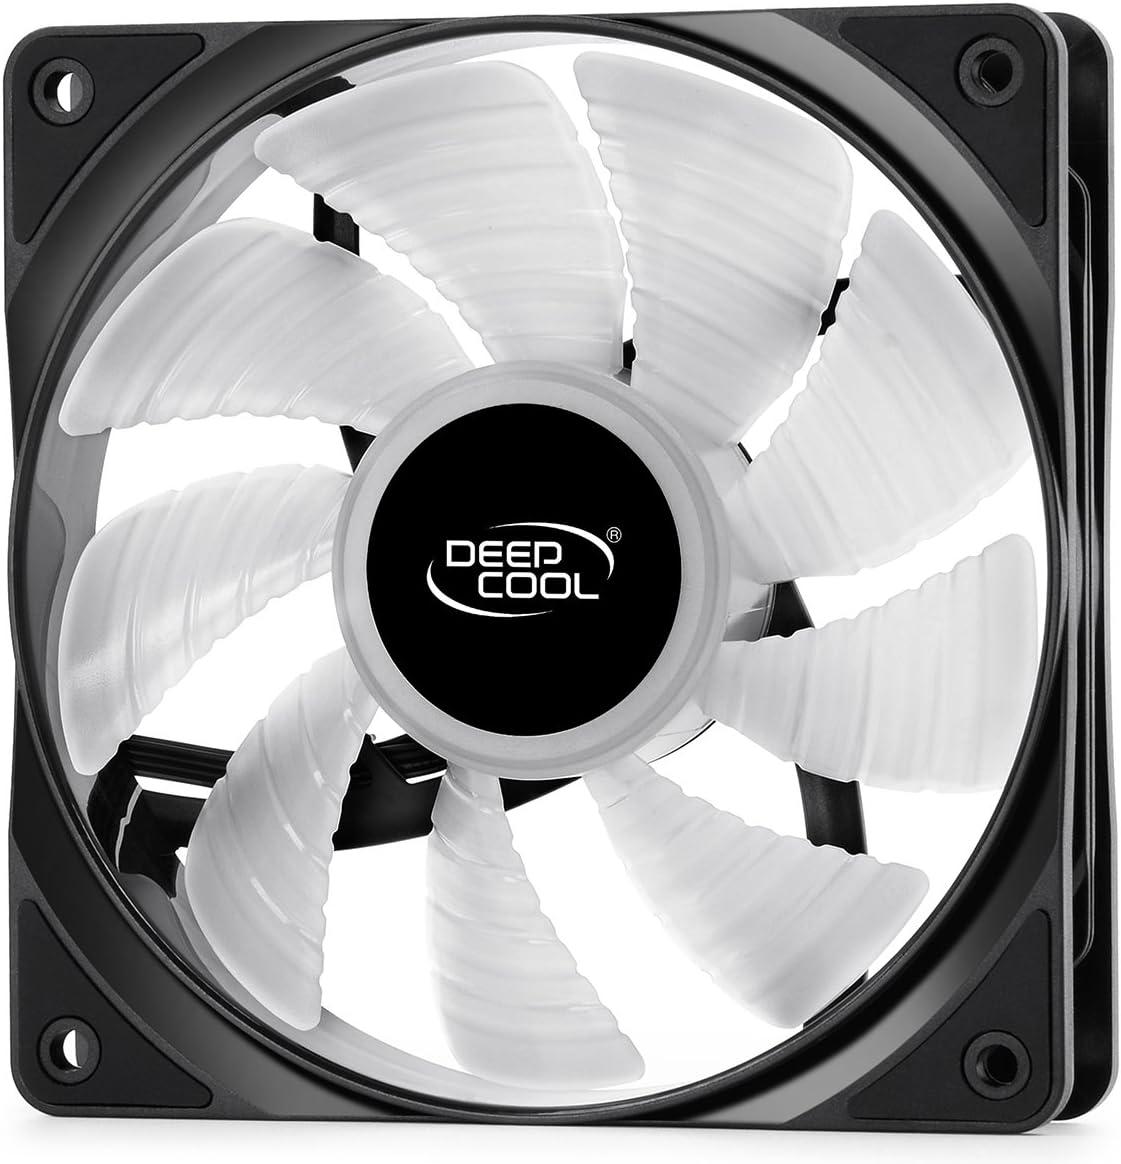 GAMMAXX GT DeepCool RGB CPU Cooler 4 Heat Pipes 120mm RGB Fan Universal Socket Solution